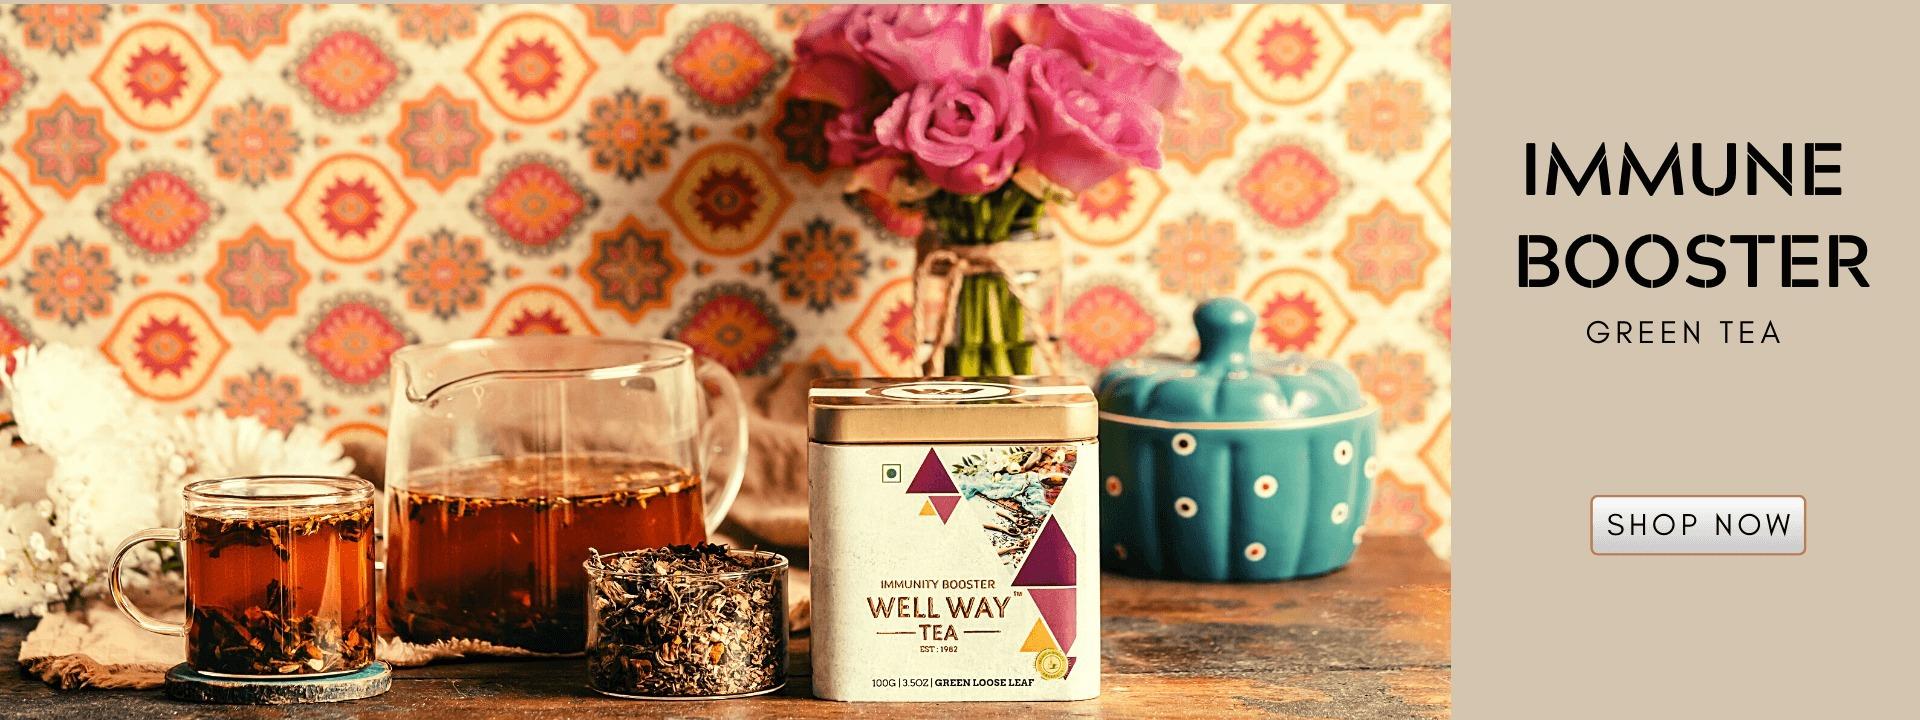 wellwaytea (@wellwaytea) Cover Image